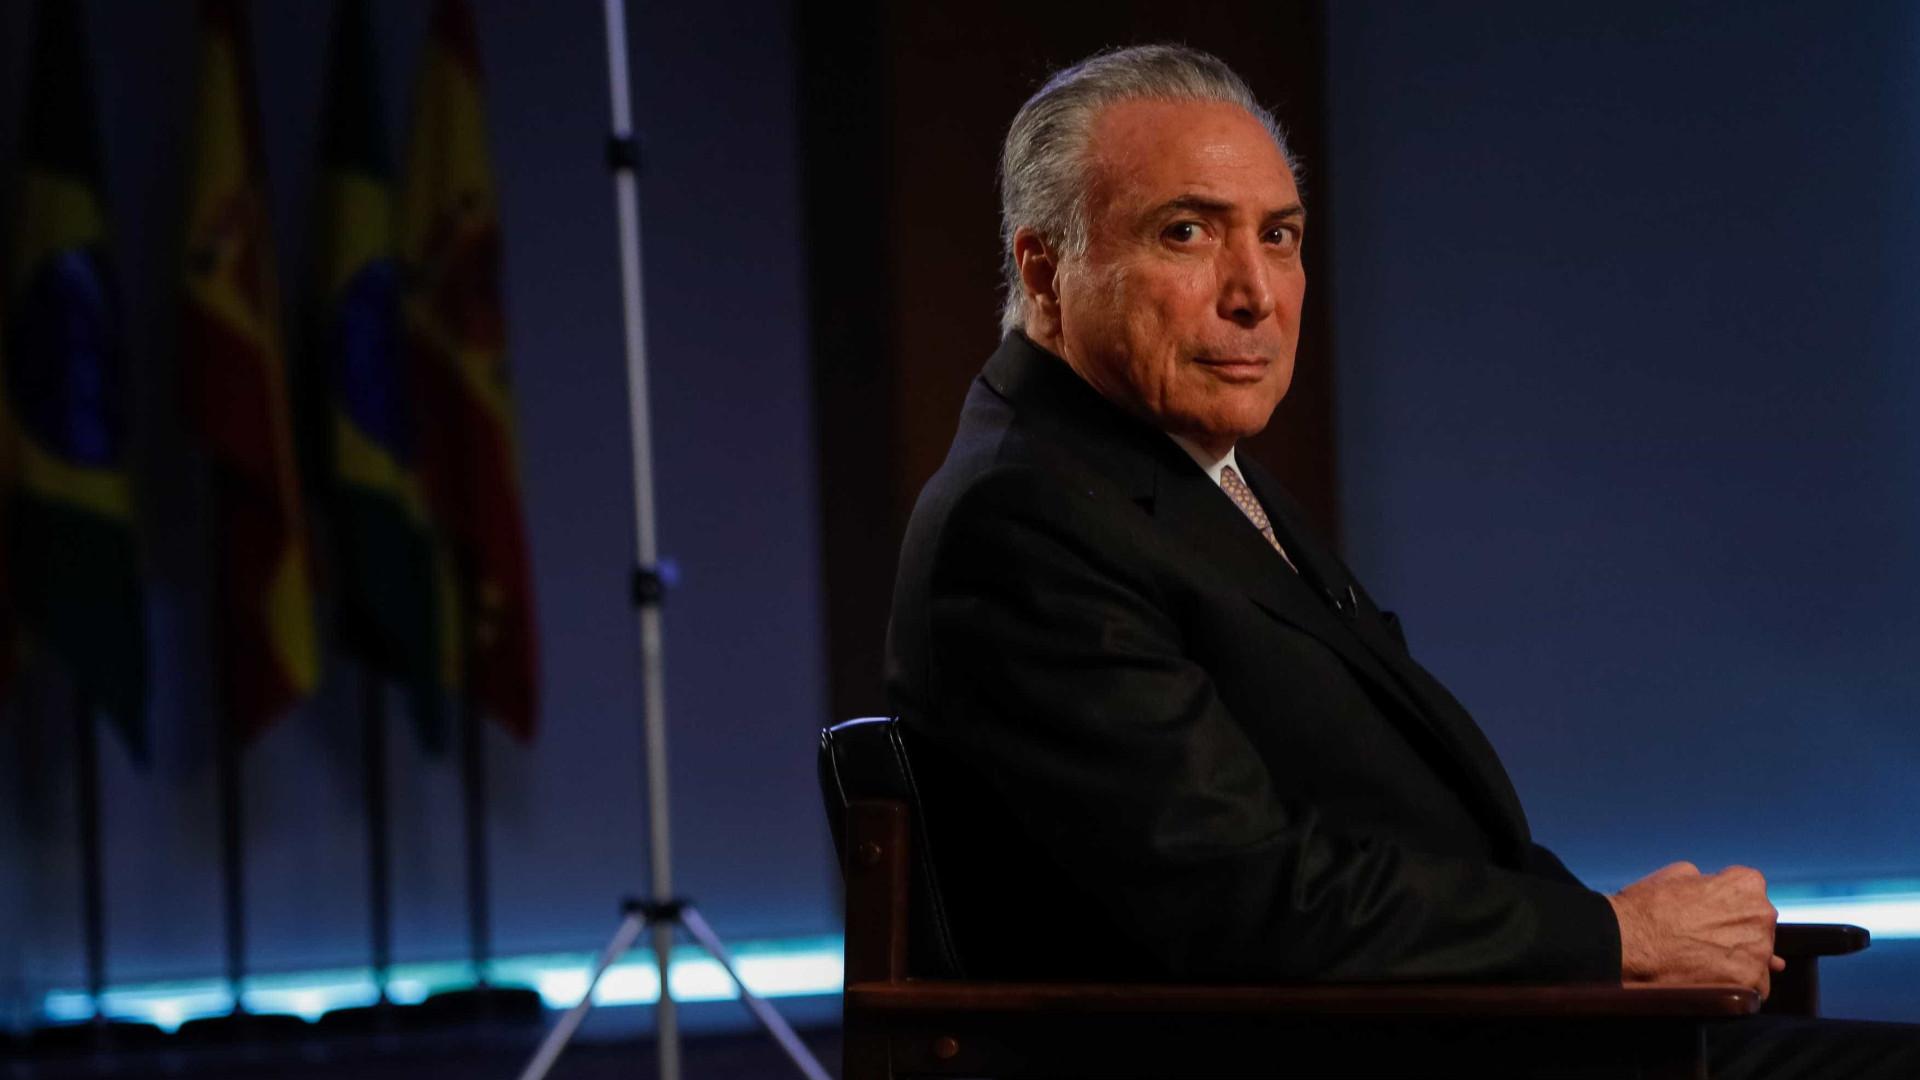 Presidente avalia divulgar vídeo em rede nacional, mas teme panelaço